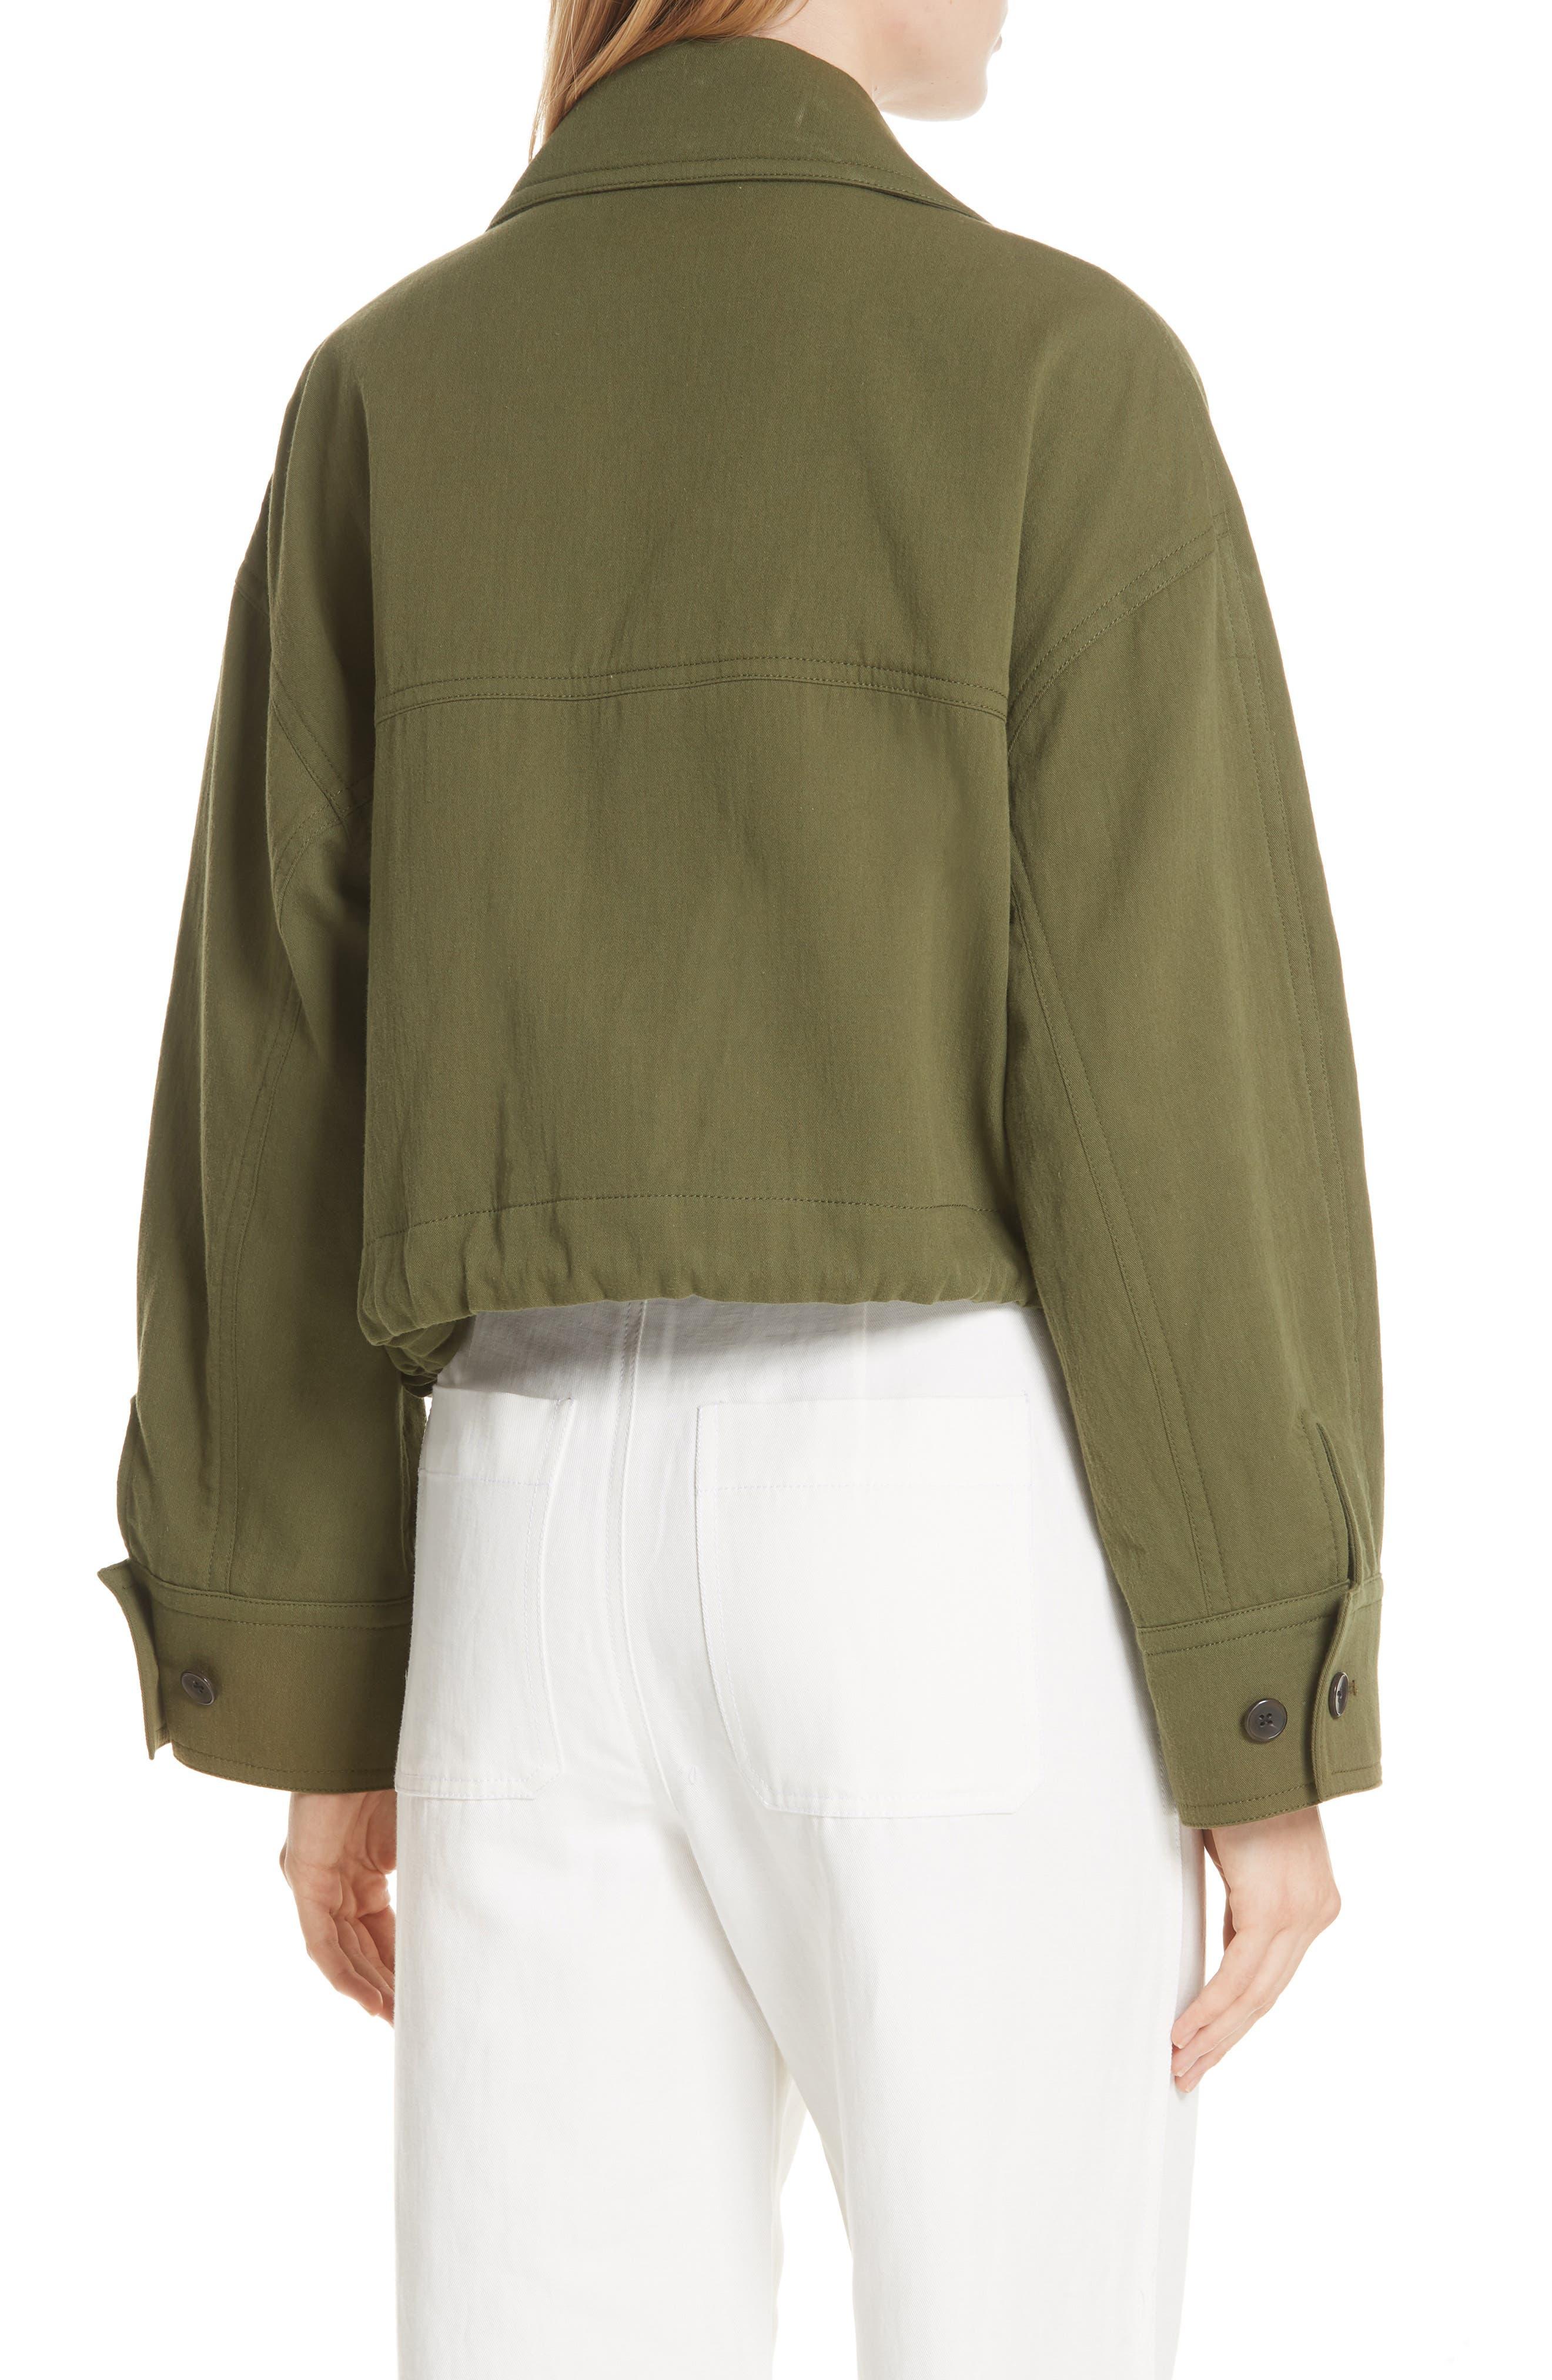 VINCE,                             Drawstring Crop Cotton Jacket,                             Alternate thumbnail 2, color,                             315